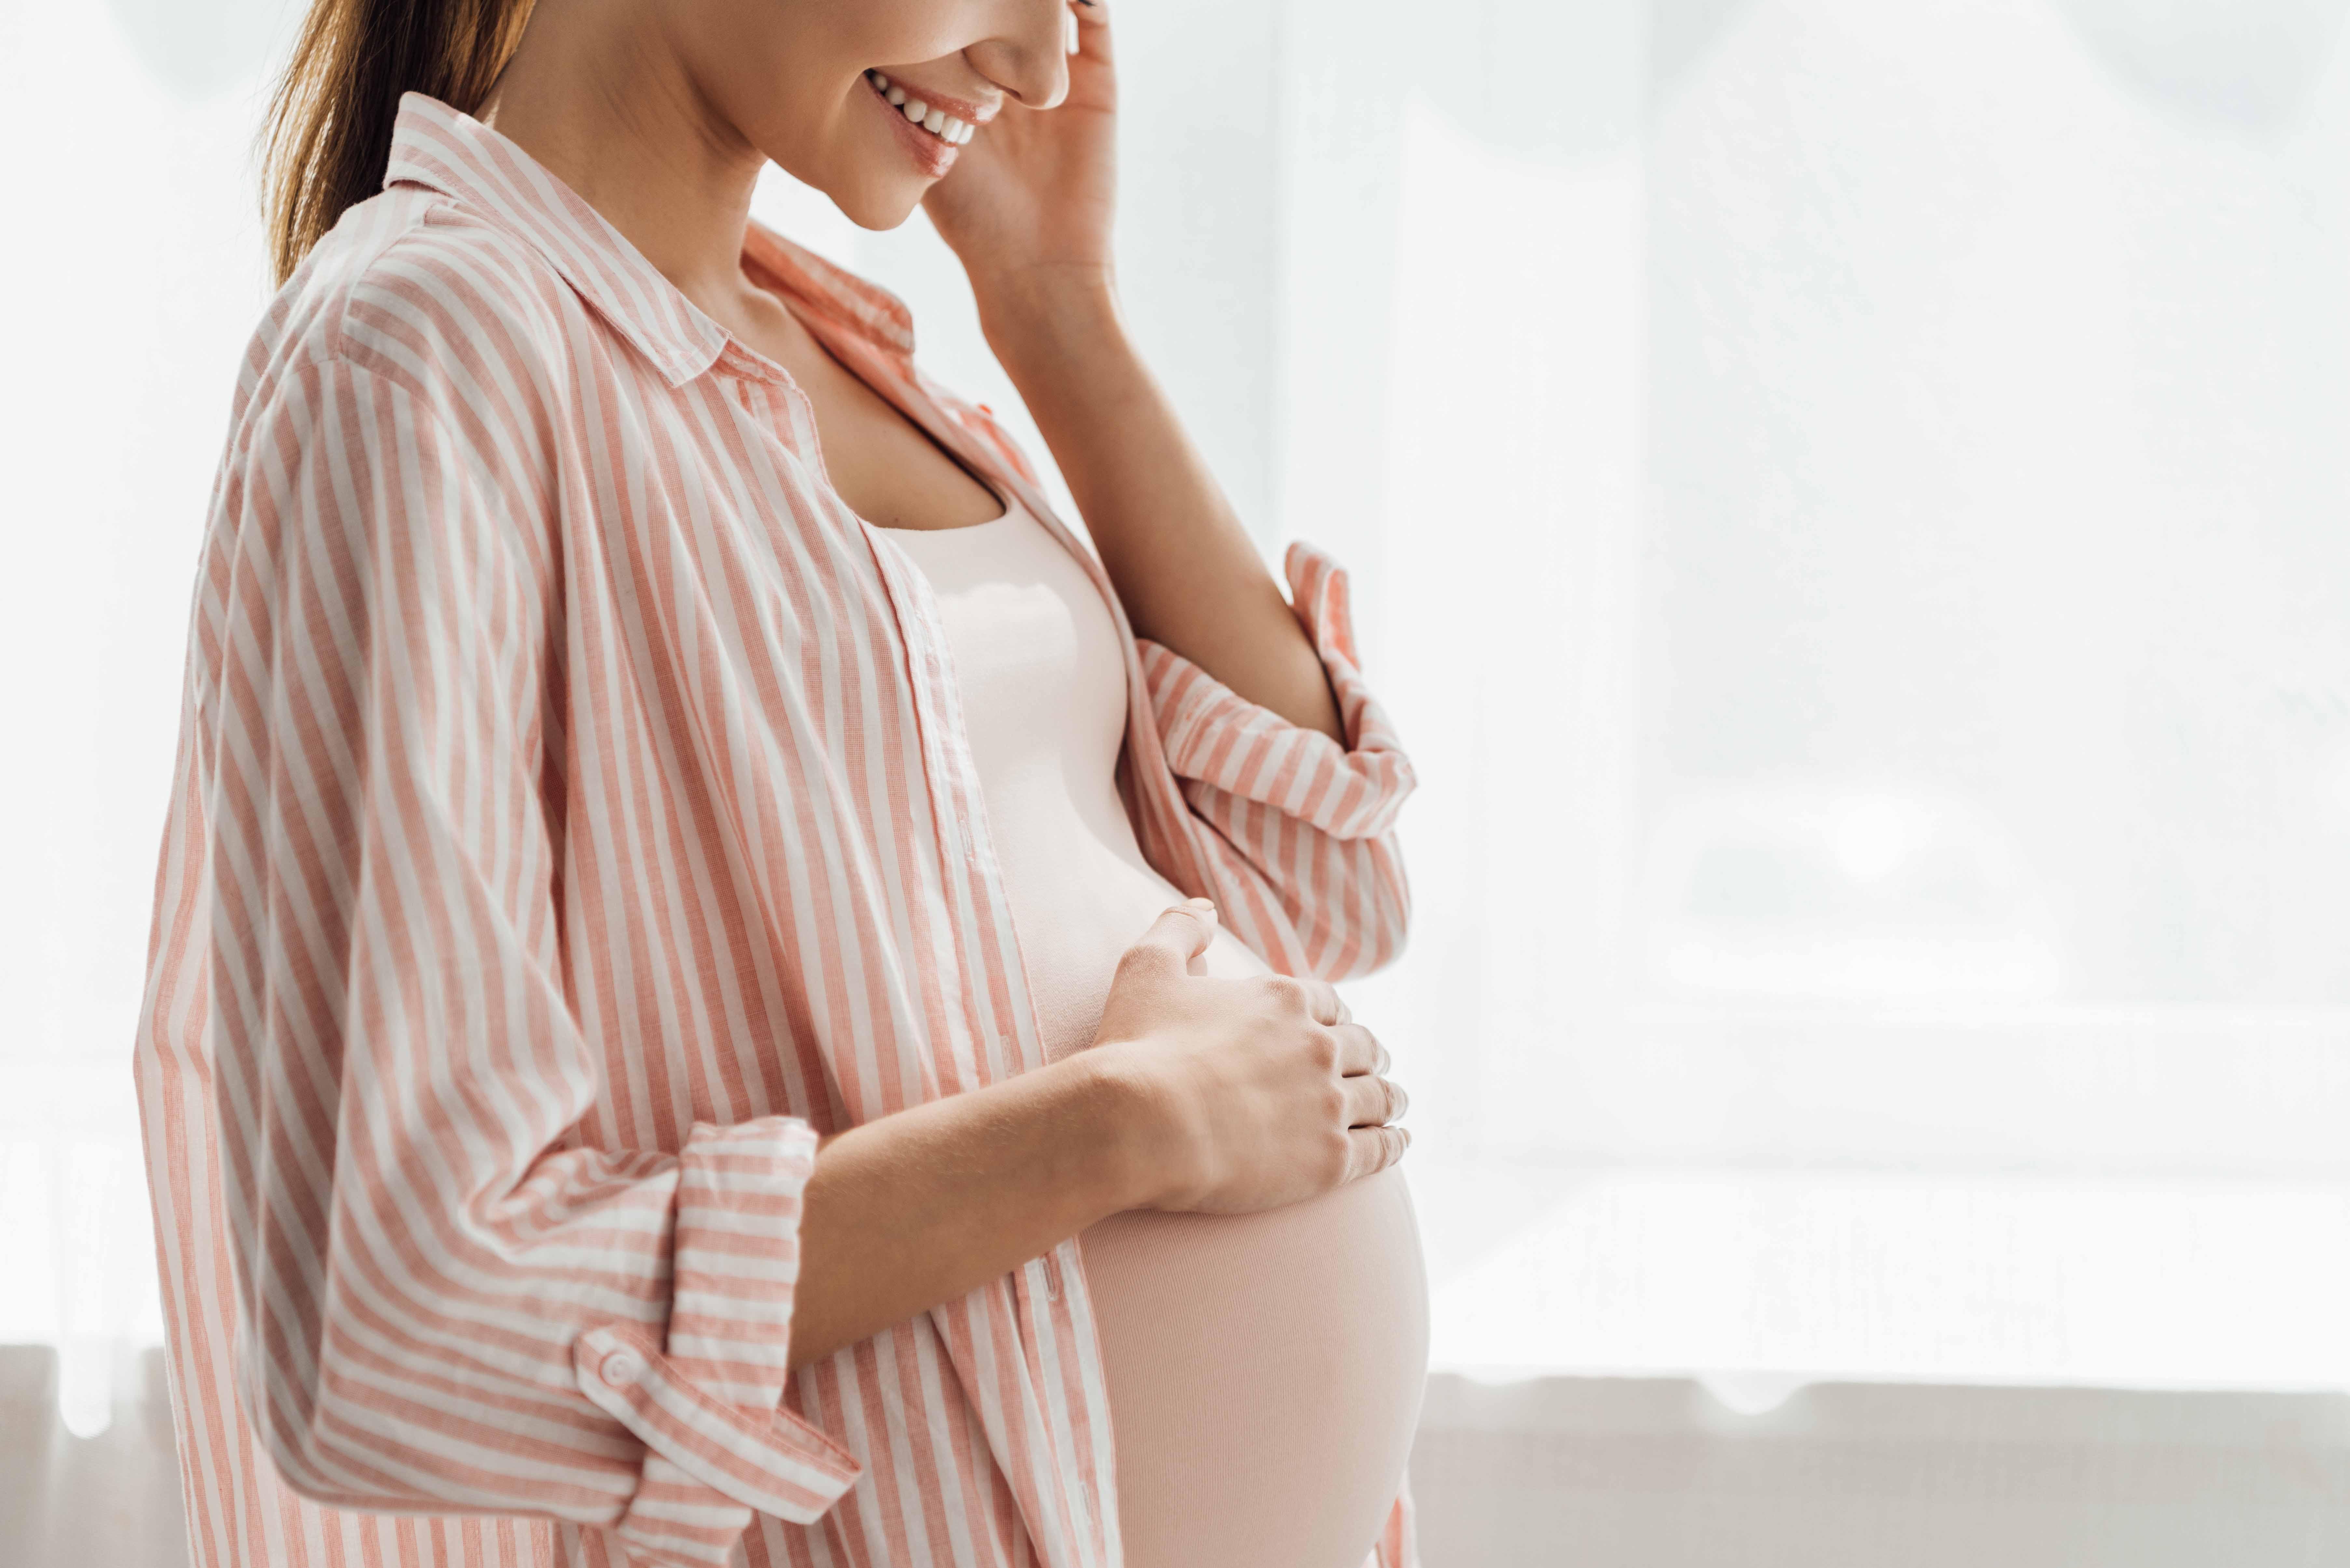 Coronavírus e gravidez